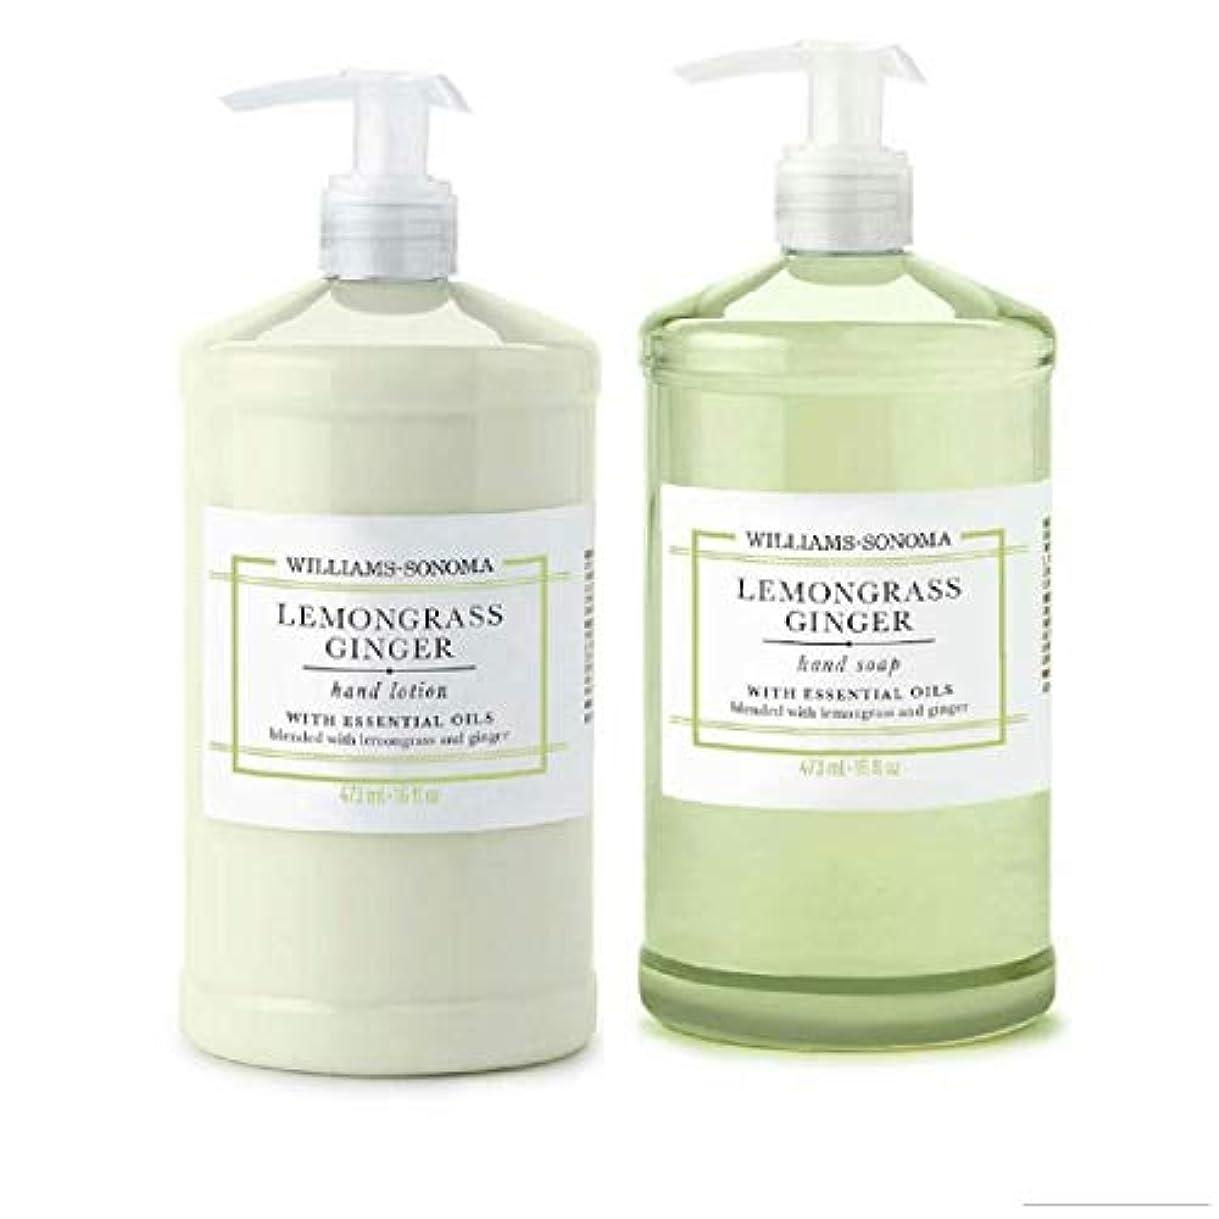 スライムディレクトリキャプションWilliams Sonoma Lemongrass Ginger Hand Soap and Hand Lotion 16 oz each [並行輸入品]